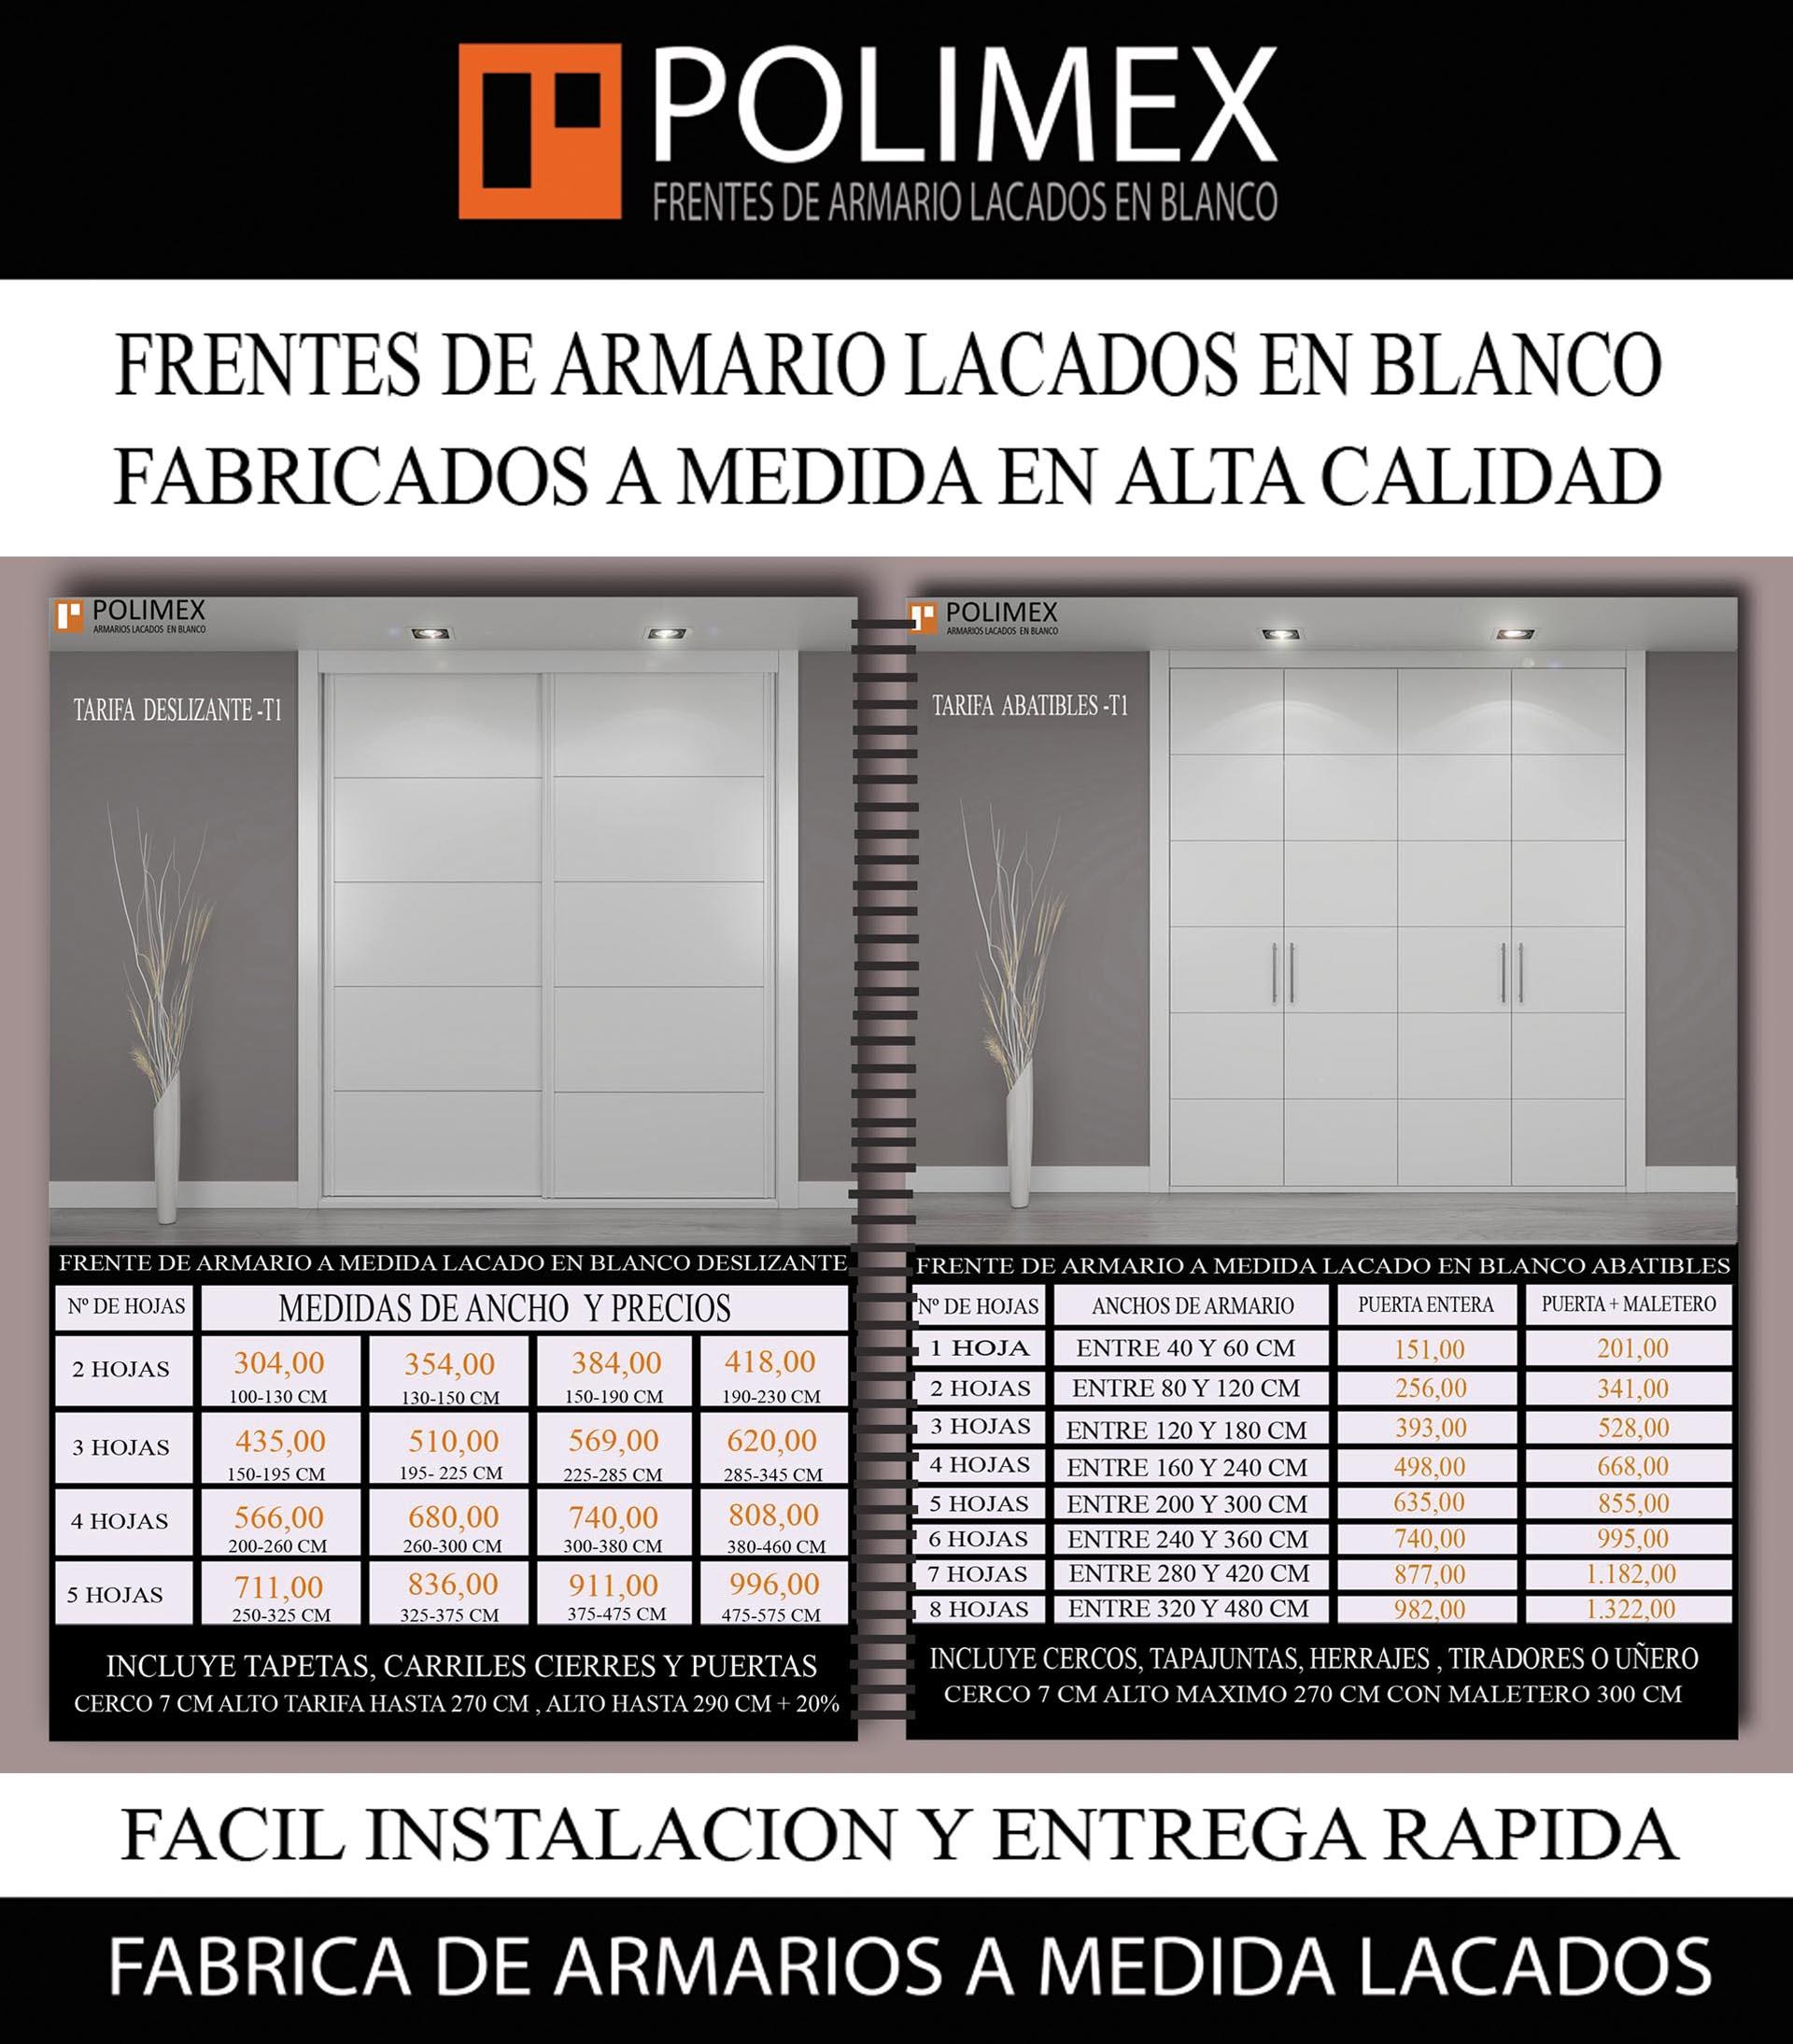 Tarifa de frentes de armario lacados en blanco